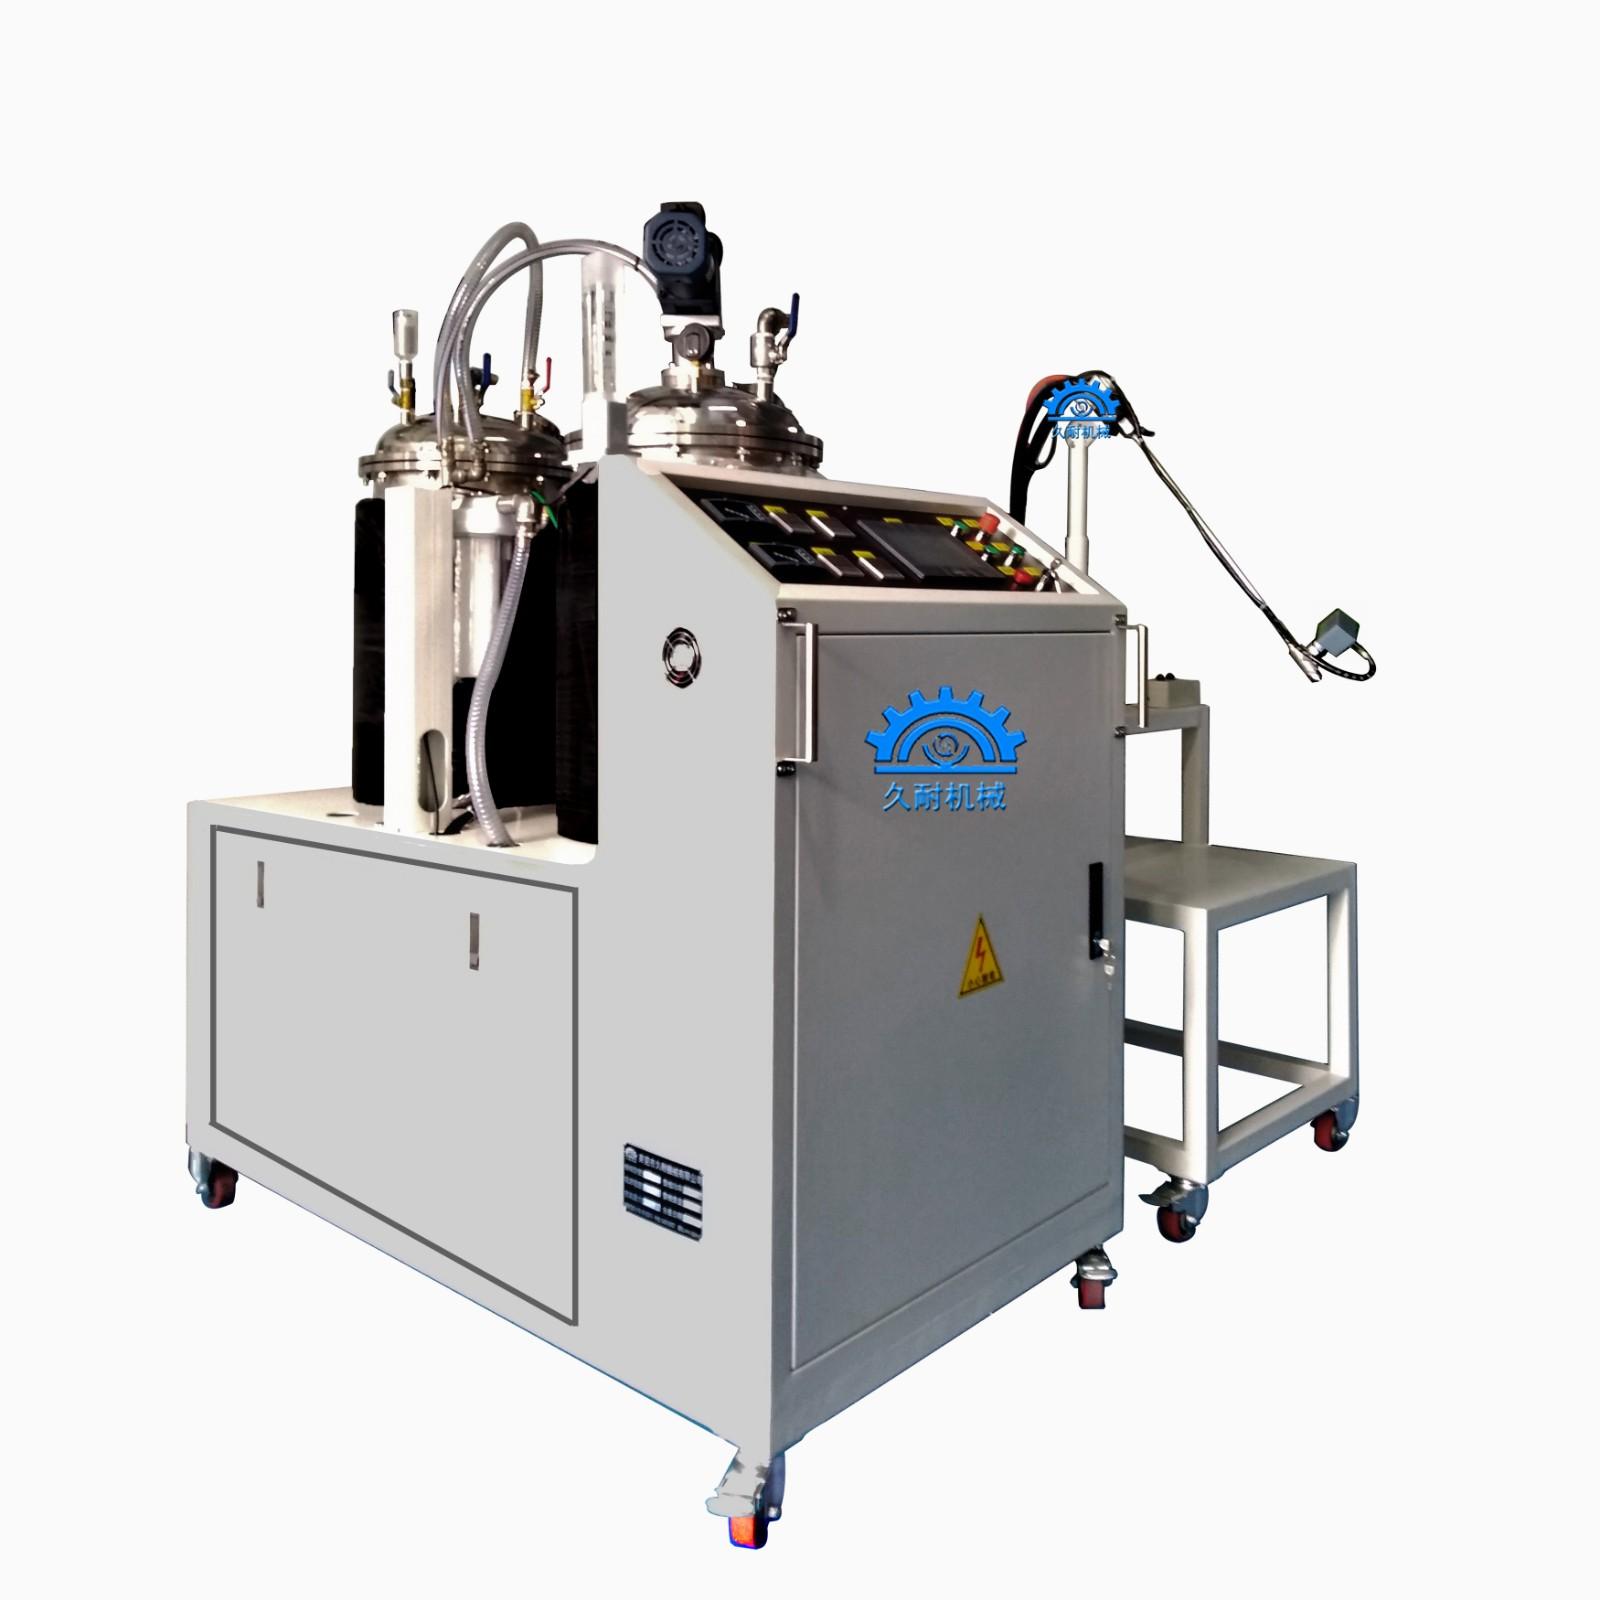 RTM工艺树脂注射机东莞久耐机械